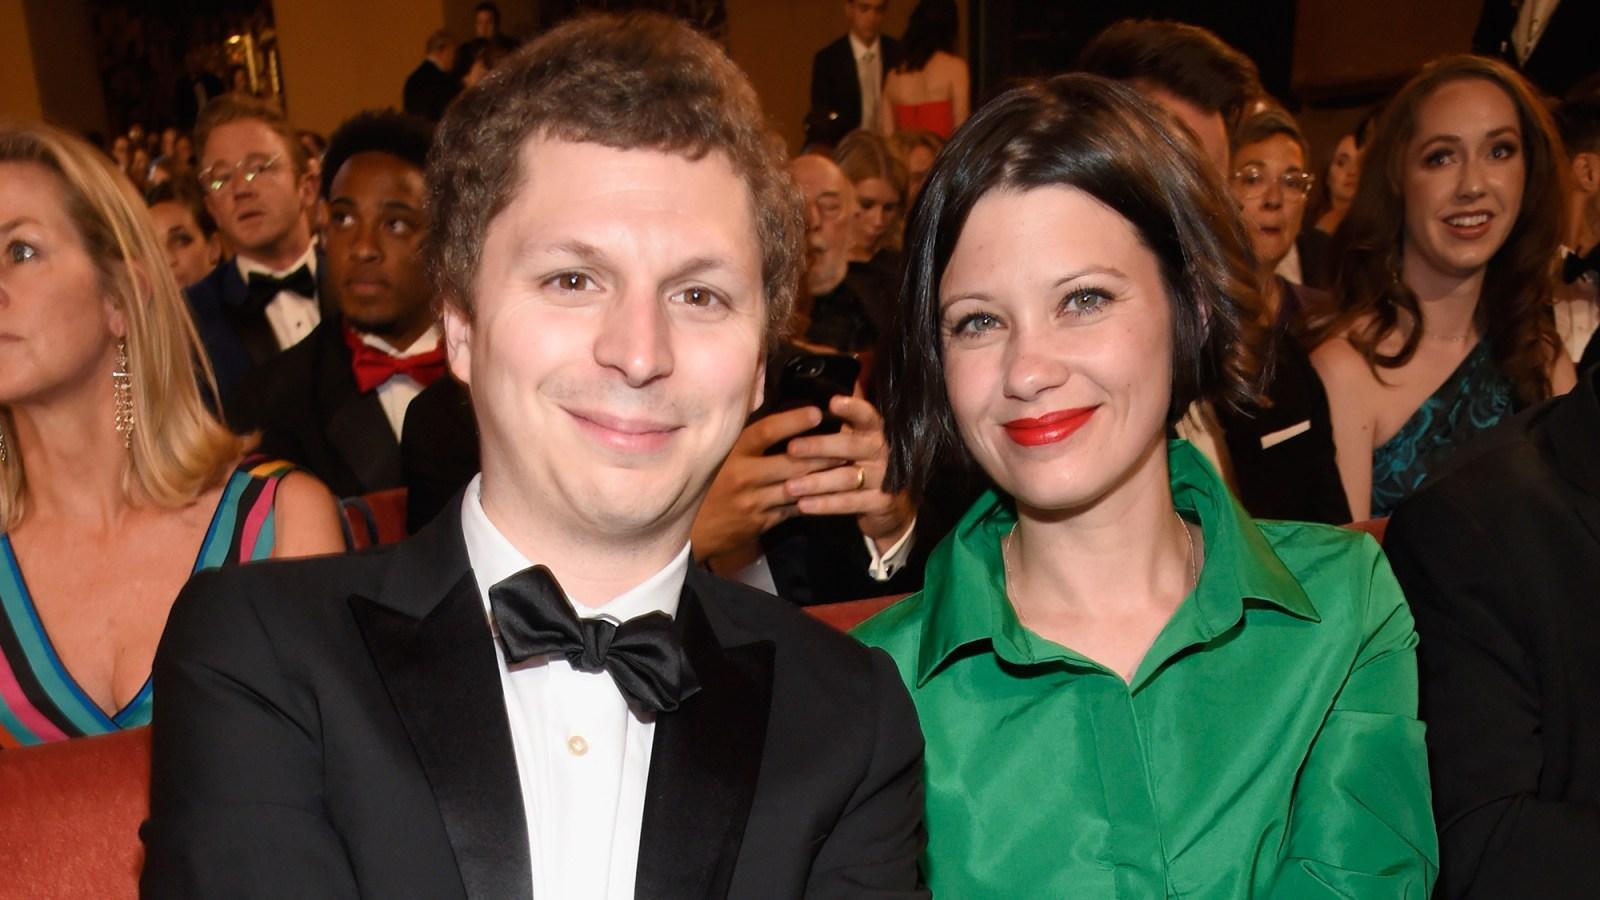 Michael Cera Brings Wife Nadine To The 2018 Tony Awards